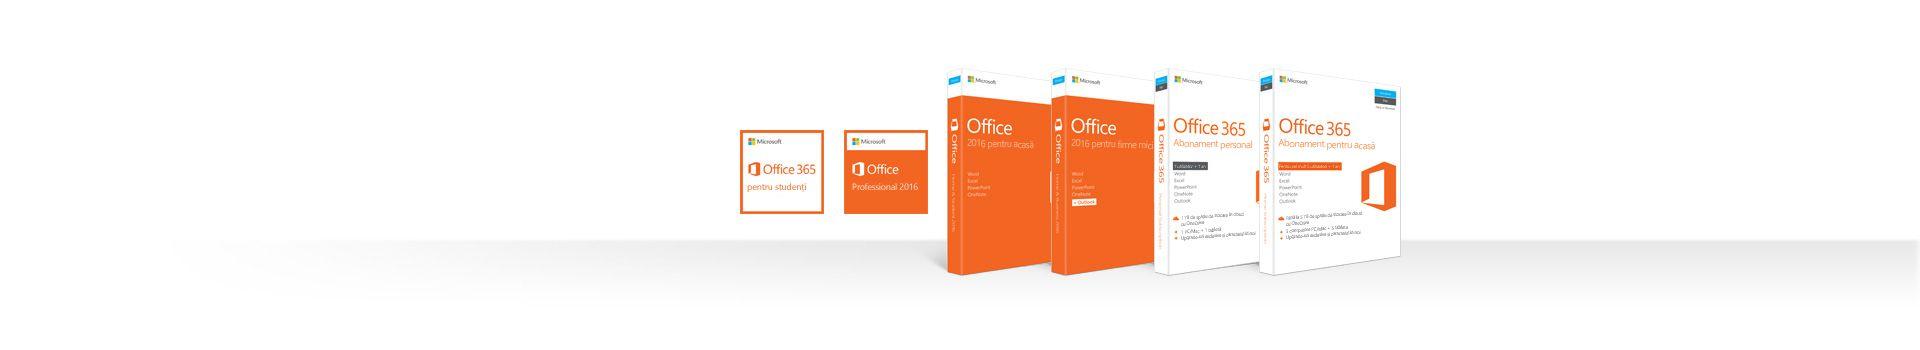 Un rând de casete de produse Office 2016 și Office 365 pentru PC